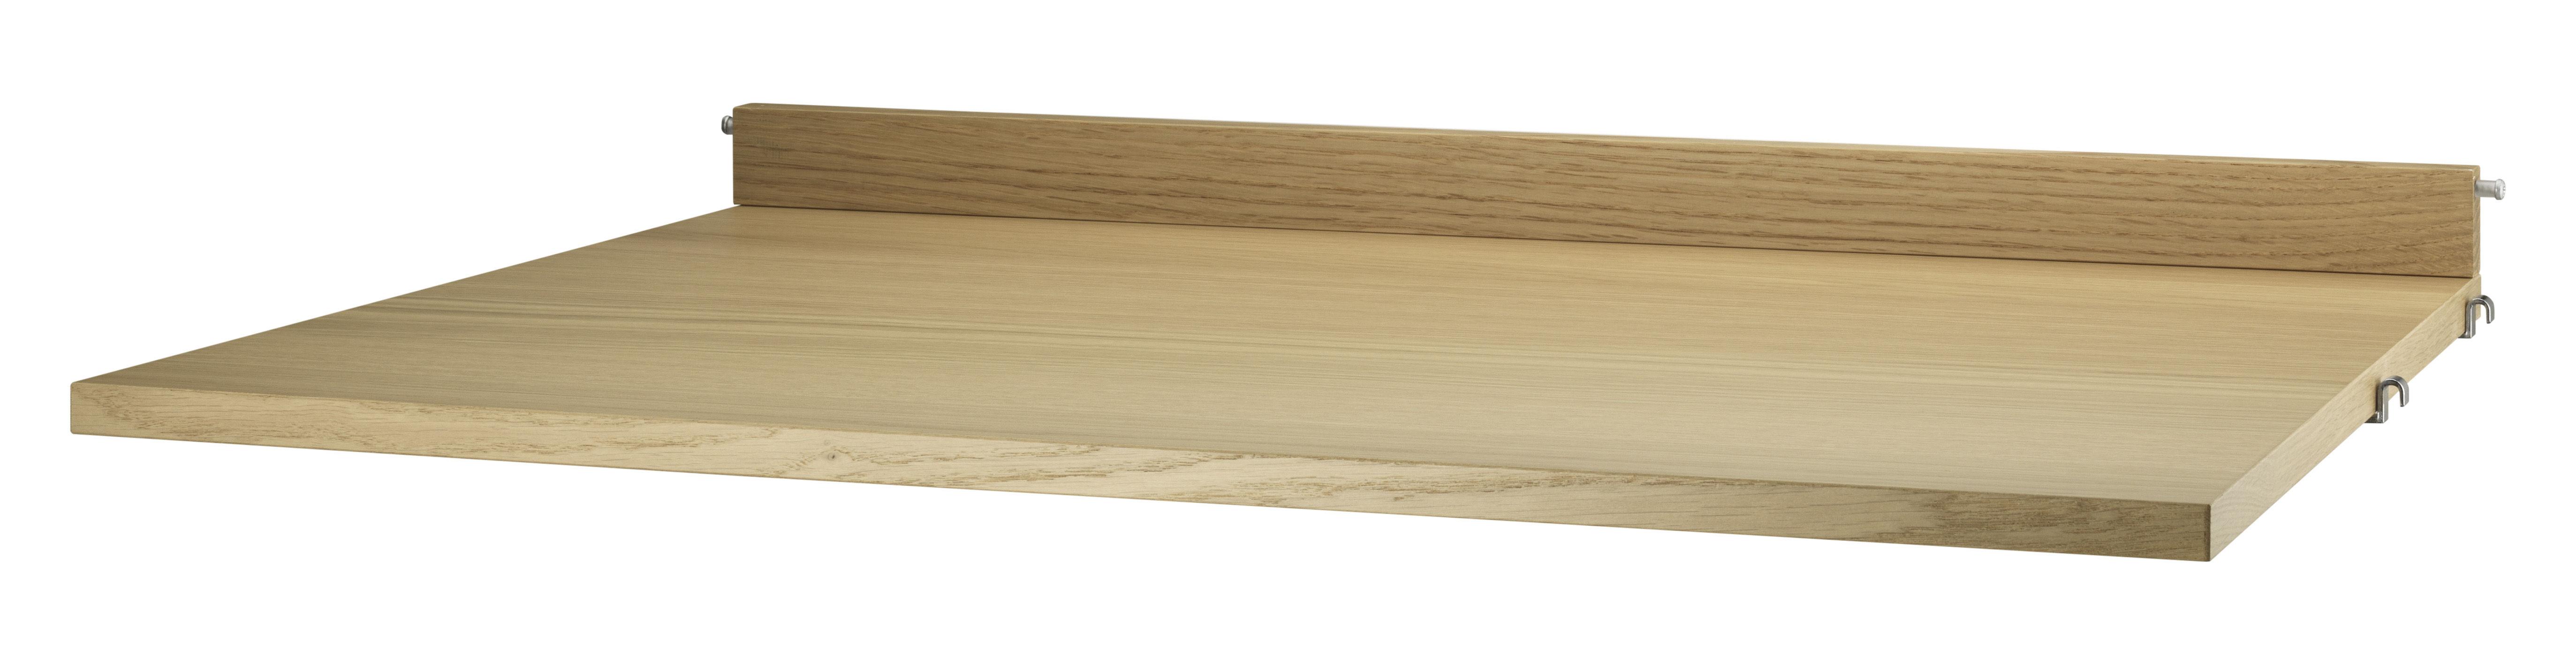 Furniture - Bookcases & Bookshelves - String System Shelf - Desk - L 78 cm by String Furniture - Oak - Oak plywood chipboard